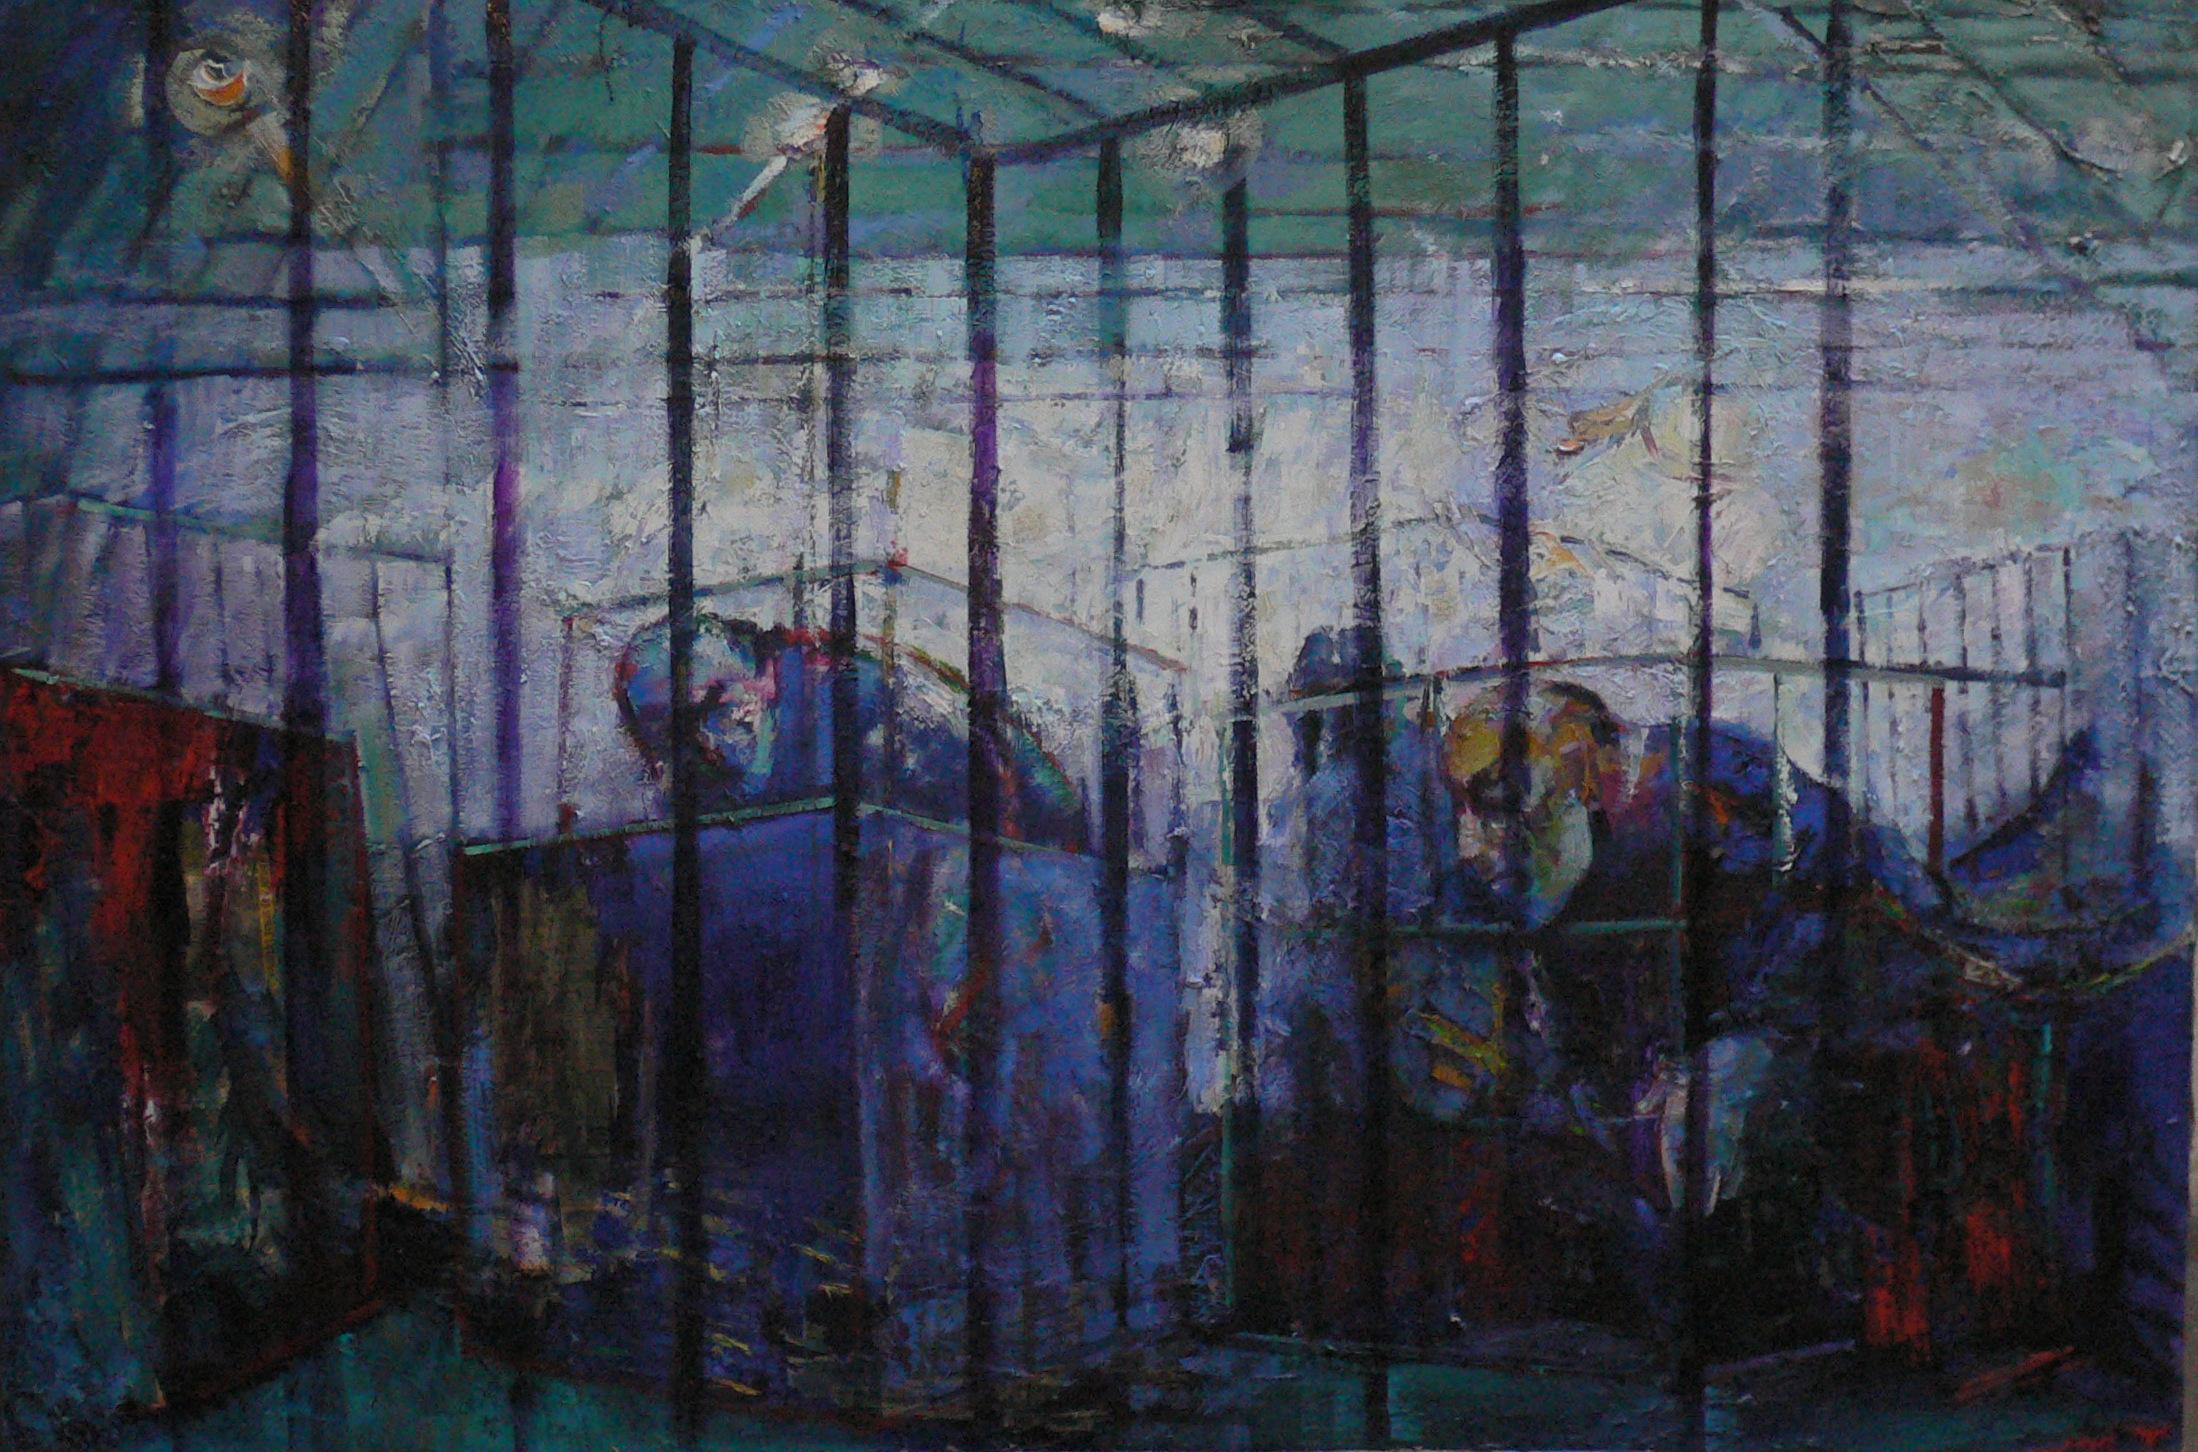 autoportrait en cage /SELFPORTRAIT in cage huile sur toile 192x160 cm 2012